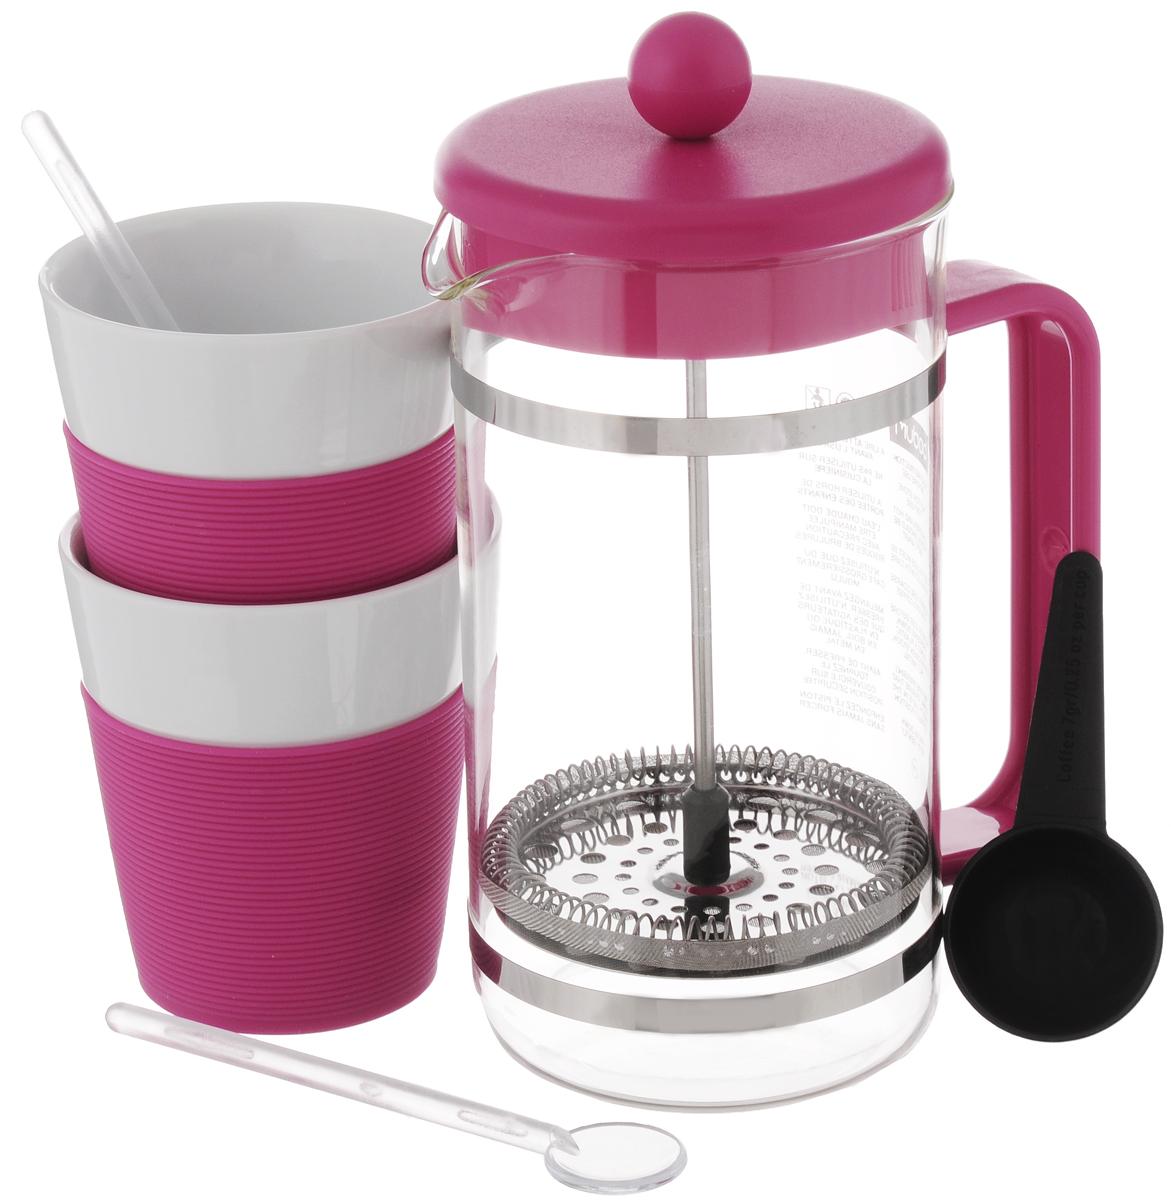 Набор кофейный Bodum Bistro, цвет: розовый, прозрачный, белый, 6 предметов. AK1508115510Кофейный набор Bodum Bistro состоит из чайника френч-пресса, 2 стаканов, 2 ложек и мерной ложки. Френч-пресс выполнен из высококачественного жаропрочного стекла, нержавеющей стали и пластика. Френч-пресс - это заварочный чайник, который поможет быстро приготовить вкусный и ароматный чай или кофе. Металлический нержавеющий фильтр задерживает чайные листочки и частички зерен кофе. Засыпая чайную заварку или кофе под фильтр, заливая горячей водой, вы получаете ароматный напиток с оптимальной крепостью и насыщенностью. Остановить процесс заваривания легко, для этого нужно просто опустить поршень, и все уйдет вниз, оставляя сверху напиток, готовый к употреблению. Элегантные стаканы выполнены из высококачественного фарфора и оснащены резиновой вставкой, защищающей ваши руки от высоких температур. Ложки изготовлены из пластика. Яркий и стильный набор украсит стол к чаепитию и станет чудесным подарком к любому случаю. Изделия можно мыть в посудомоечной машине.Объем френч-пресса: 1 л. Диаметр френч-пресса (по верхнему краю): 10 см. Высота френч-пресса: 21,5 см. Объем стакана: 300 мл. Диаметр стакана по верхнему краю: 8,5 см. Высота стакана: 10 см. Длина мерной ложки: 10 см.Длина ложек: 14 см.